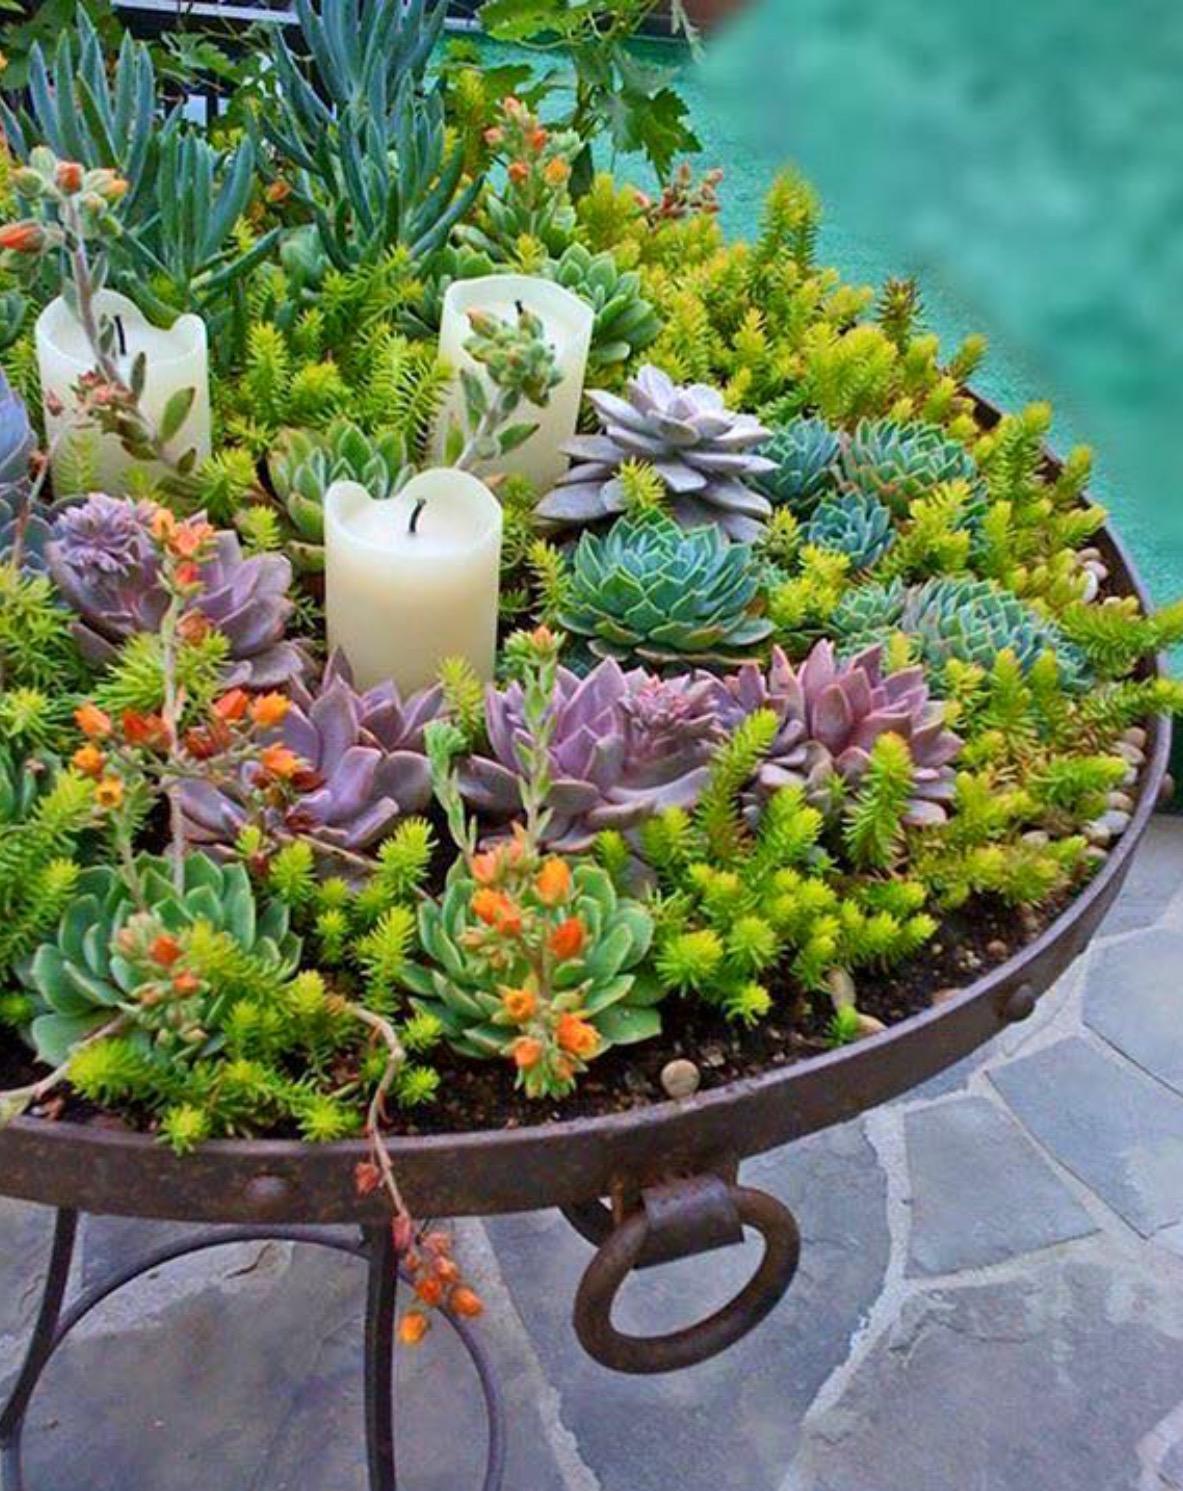 Piante Grasse Da Giardino un giardino di piante grasse! 20 esempi stupendi da cui